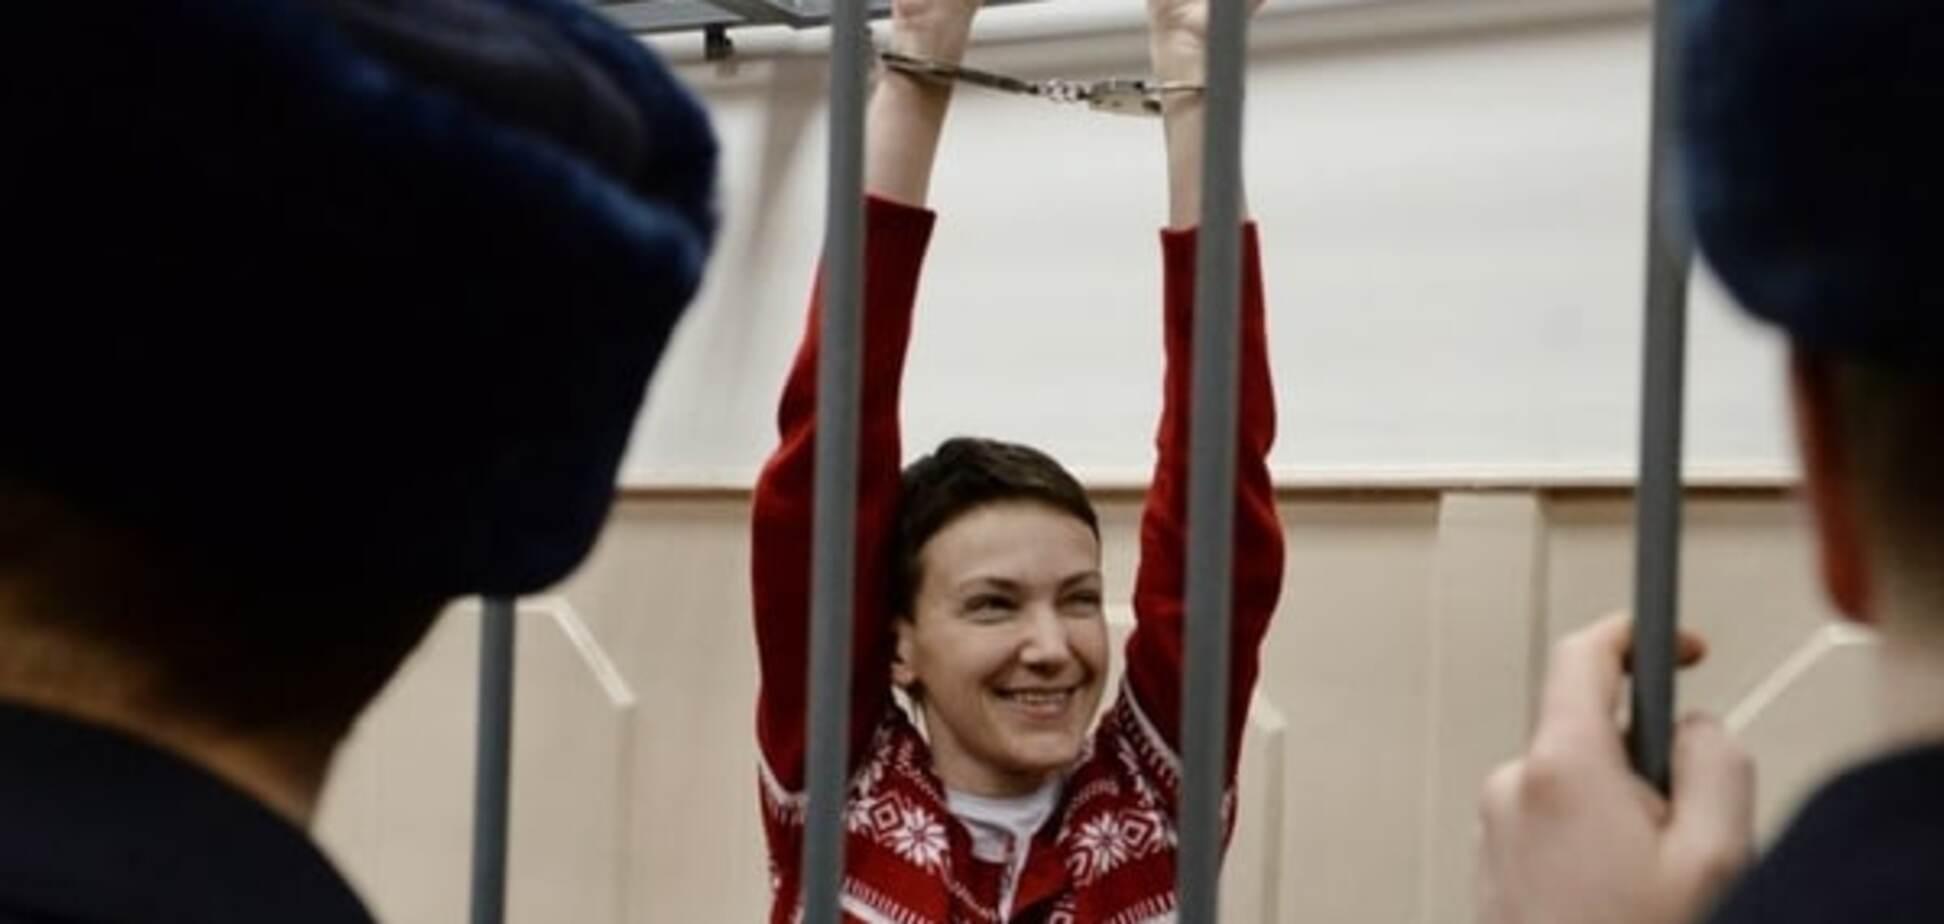 Сестра Савченко: Путин и Обама, кажется, договорились о судьбе Надежды